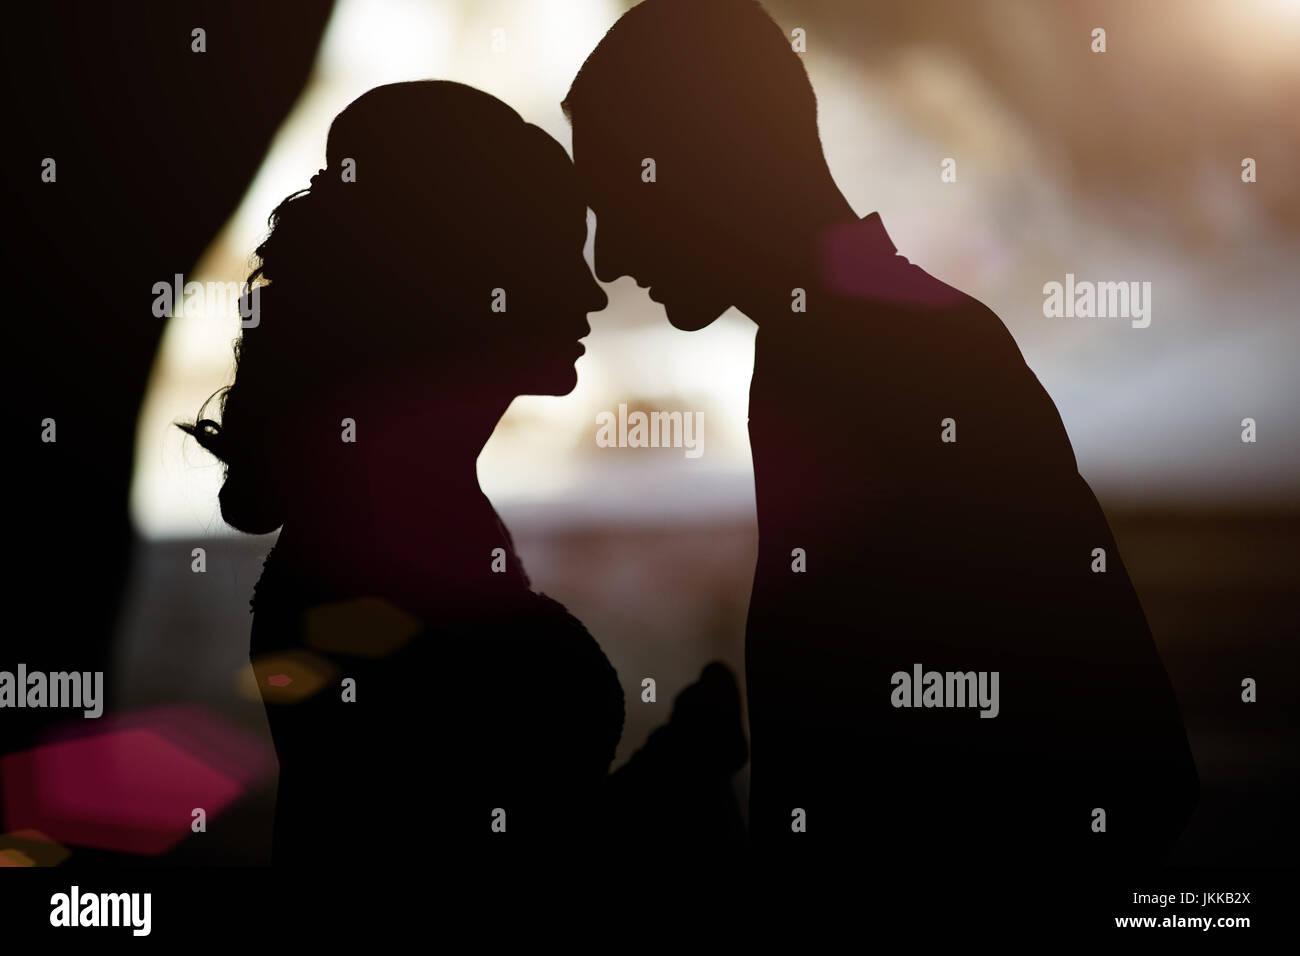 Silueta de una pareja en el amor Imagen De Stock